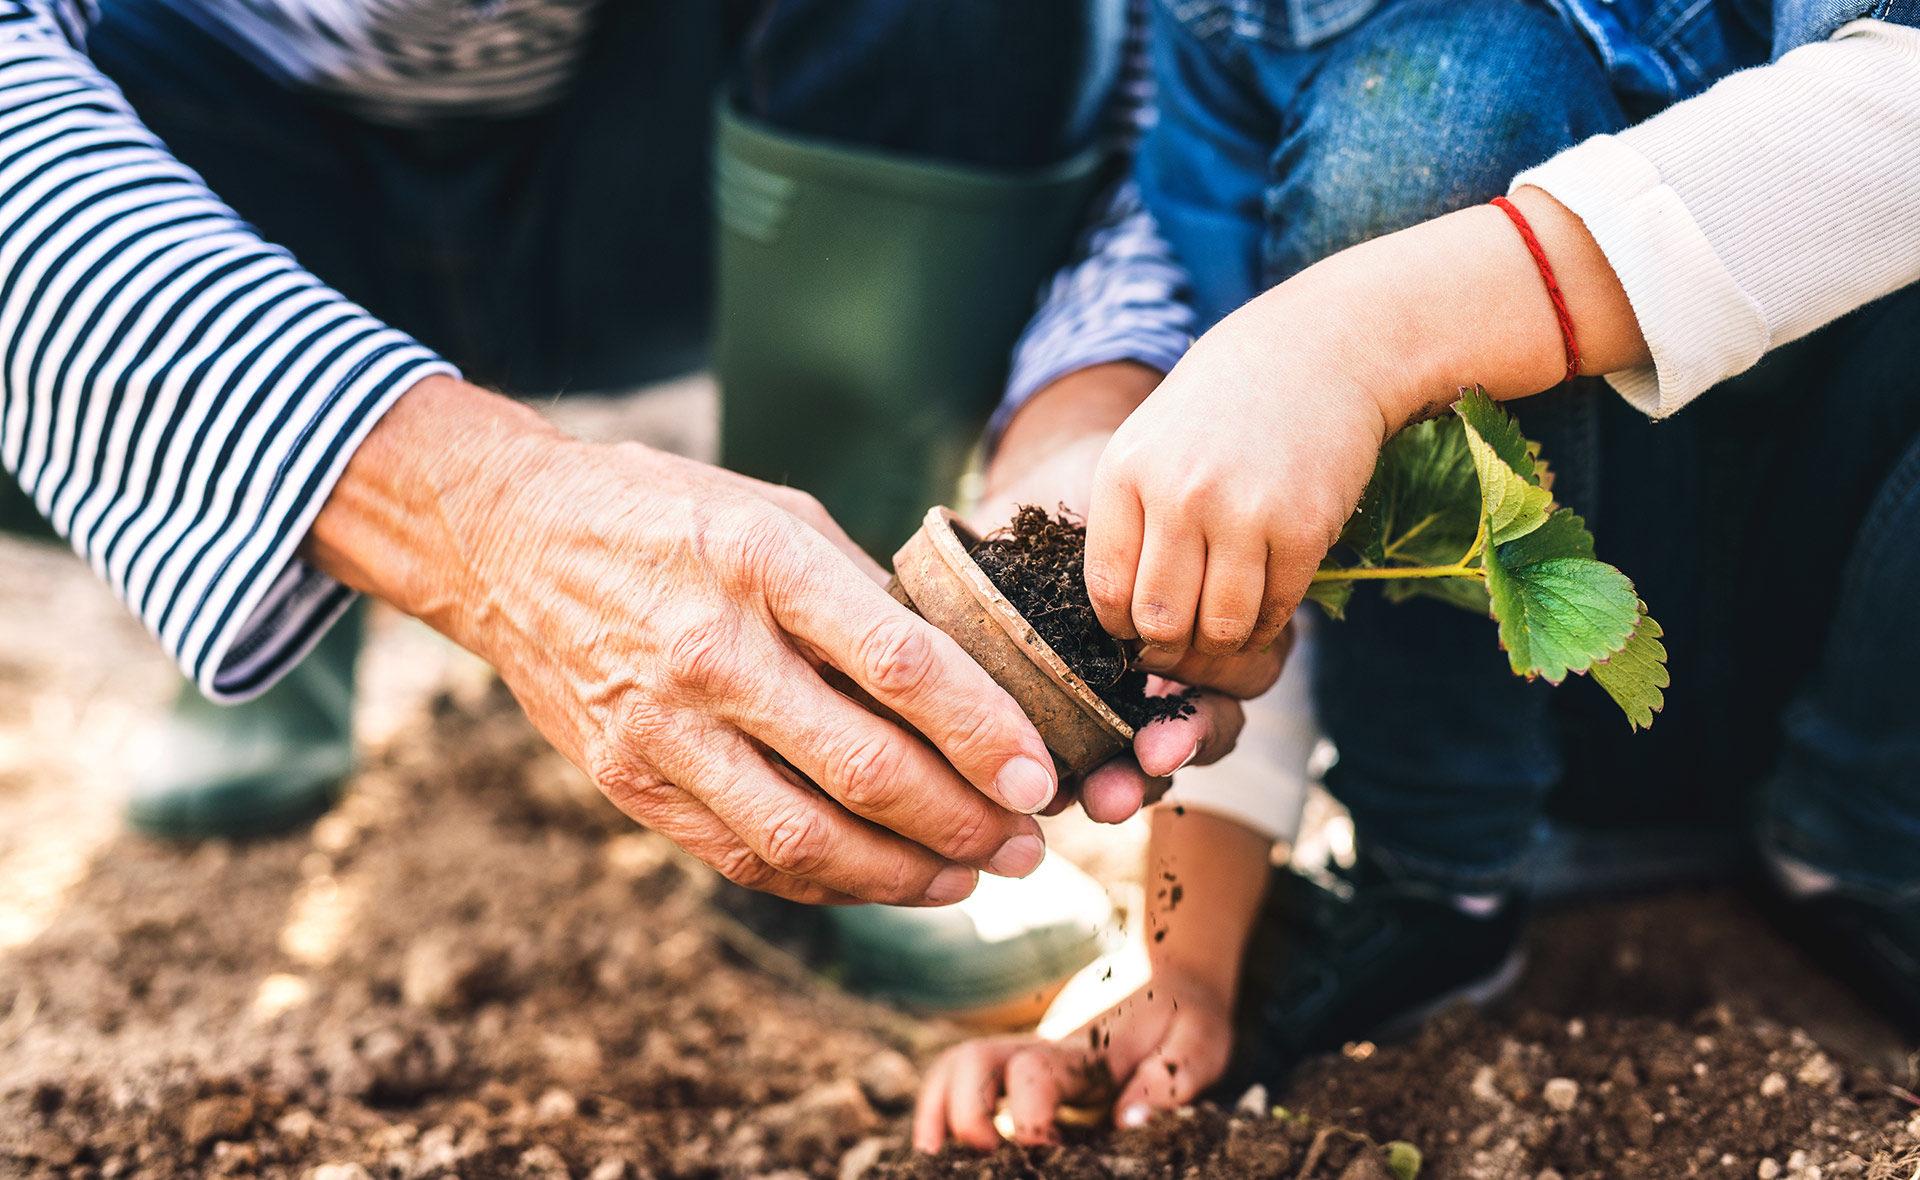 Jubilacion-mercados-sostenibilidad- plantar- medio ambiente- tierra-planta